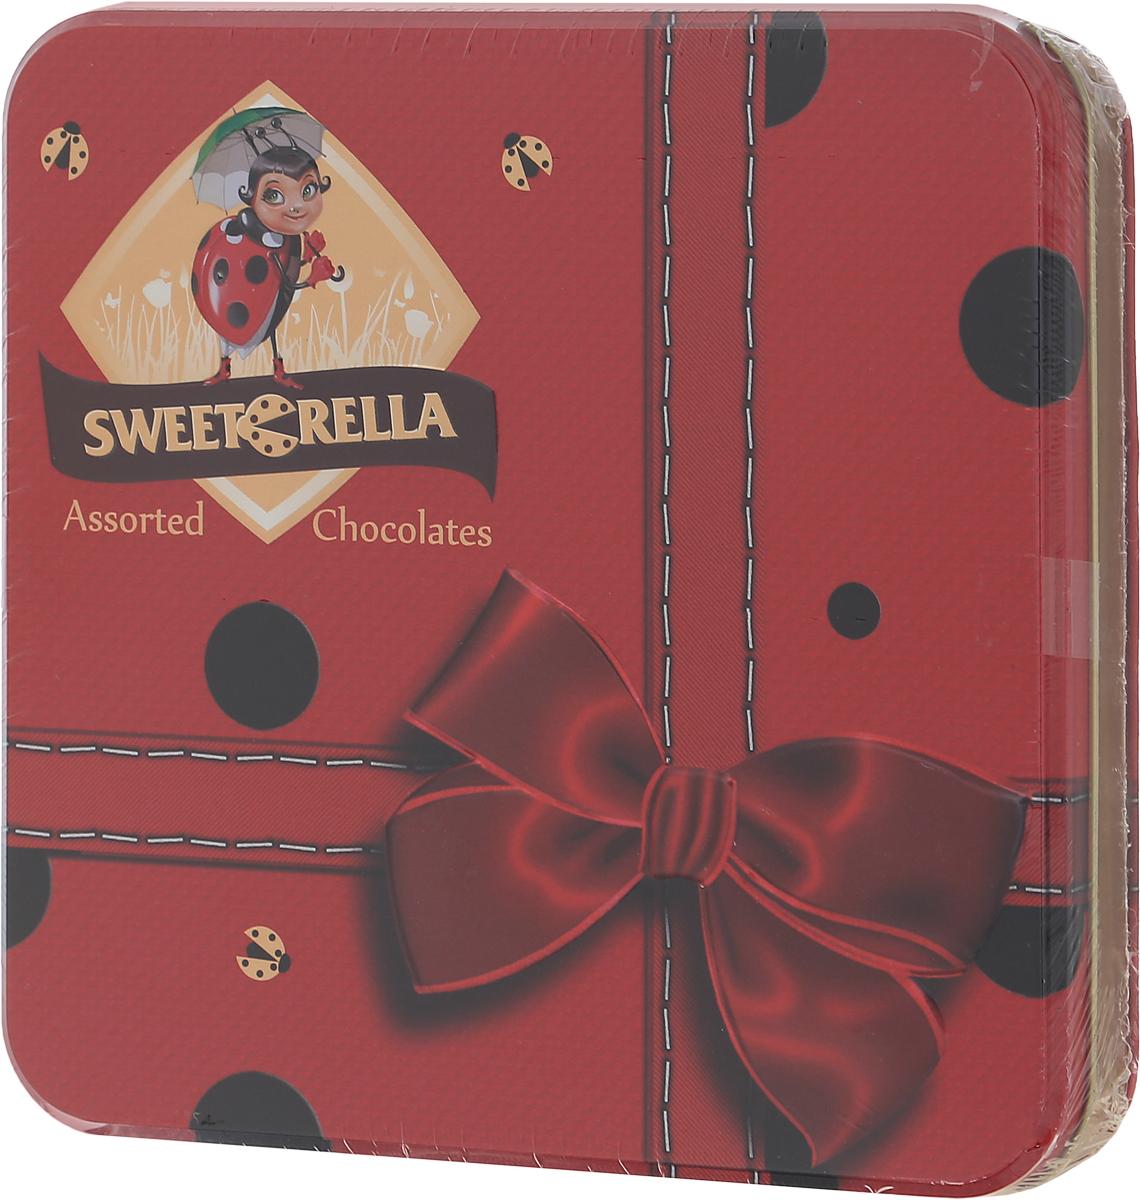 Sweeterella набор шоколадных конфет эксклюзив шоколадного ассорти, 193 г0120710Подарочный набор шоколадных конфет разных форм и вкусов в красивой коробке с бантом – лучшее лекарства от плохого настроения! Выбирайте любимую начинку и наслаждайтесь! Начинки: - фисташковая; - ореховая; - с яичным ликером; - Изабелла.Уважаемые клиенты! Обращаем ваше внимание, что полный перечень состава продукта представлен на дополнительном изображении.